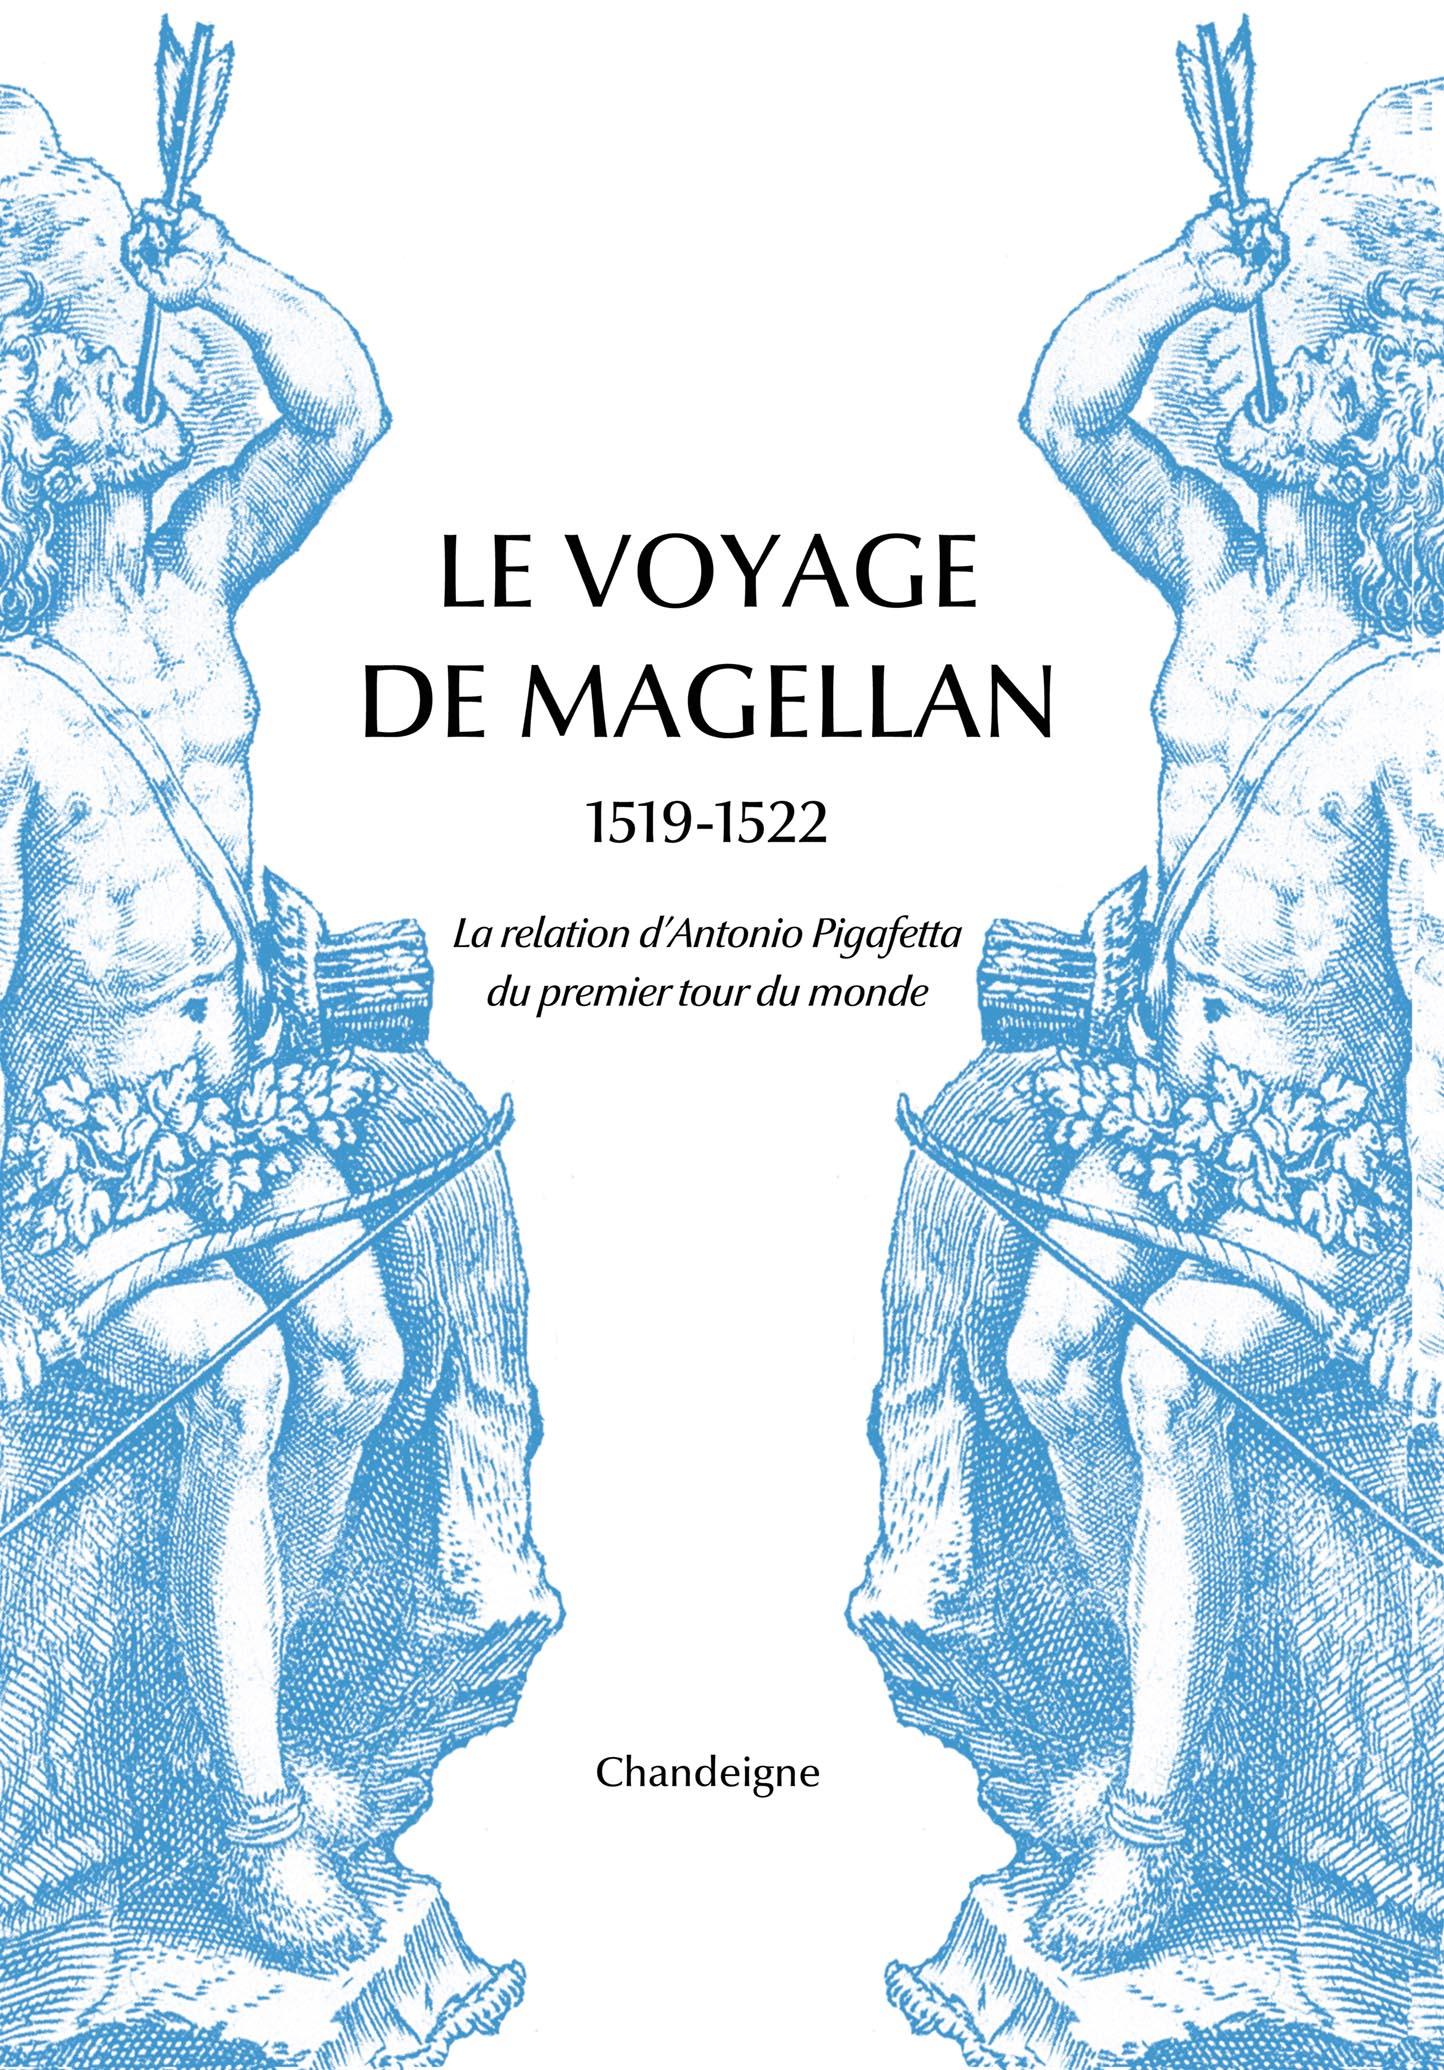 Revue de presse – «Le voyage de Magellan 1519-1522, la relation d'Antonio Pigafetta»